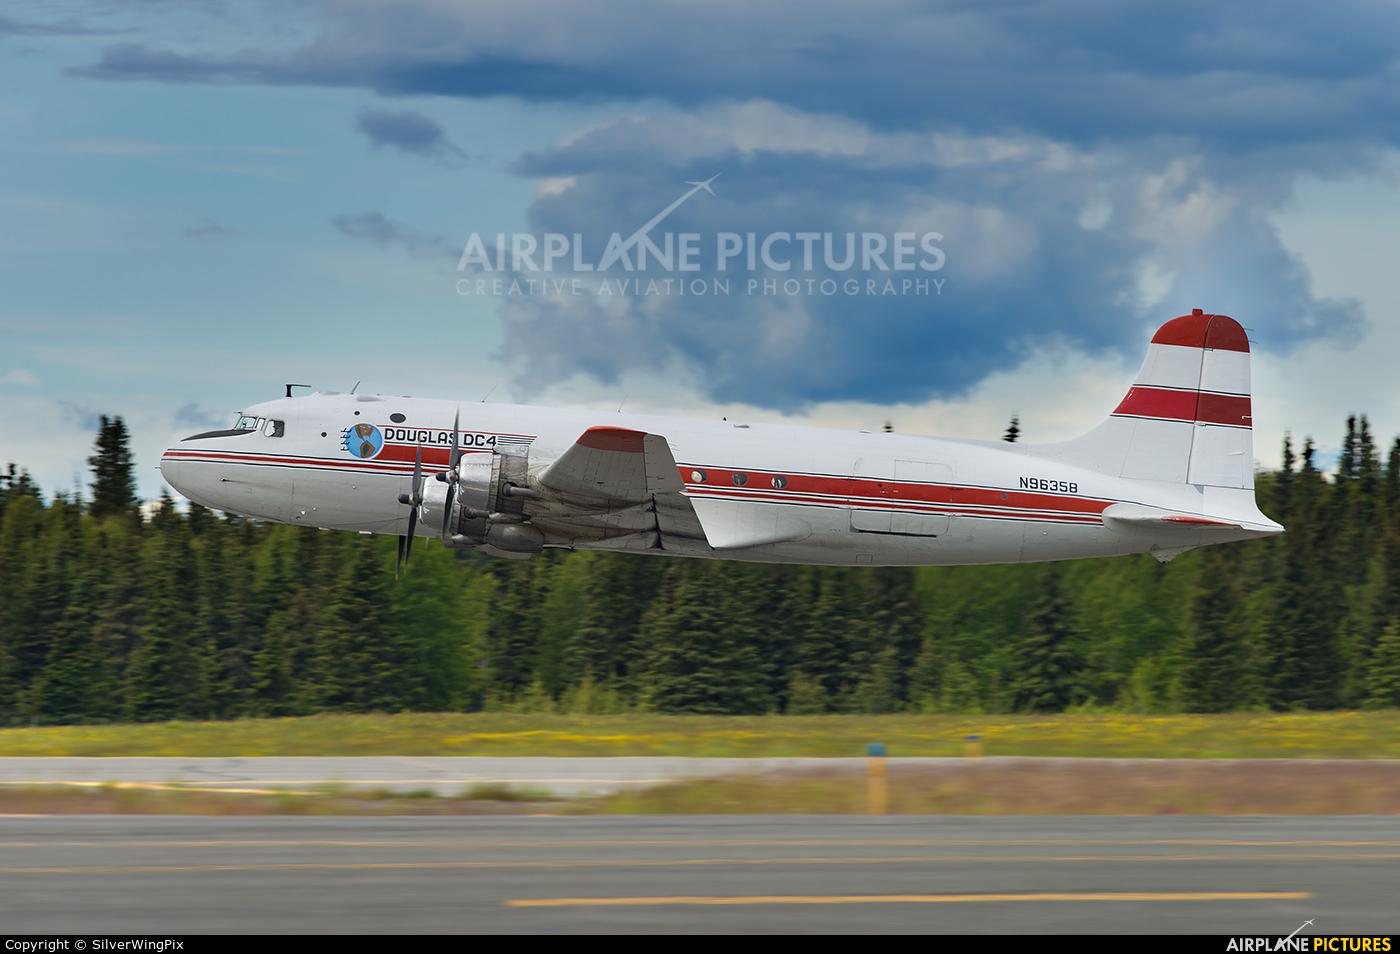 Alaska Air Fuel N96358 aircraft at Kenai Municipal